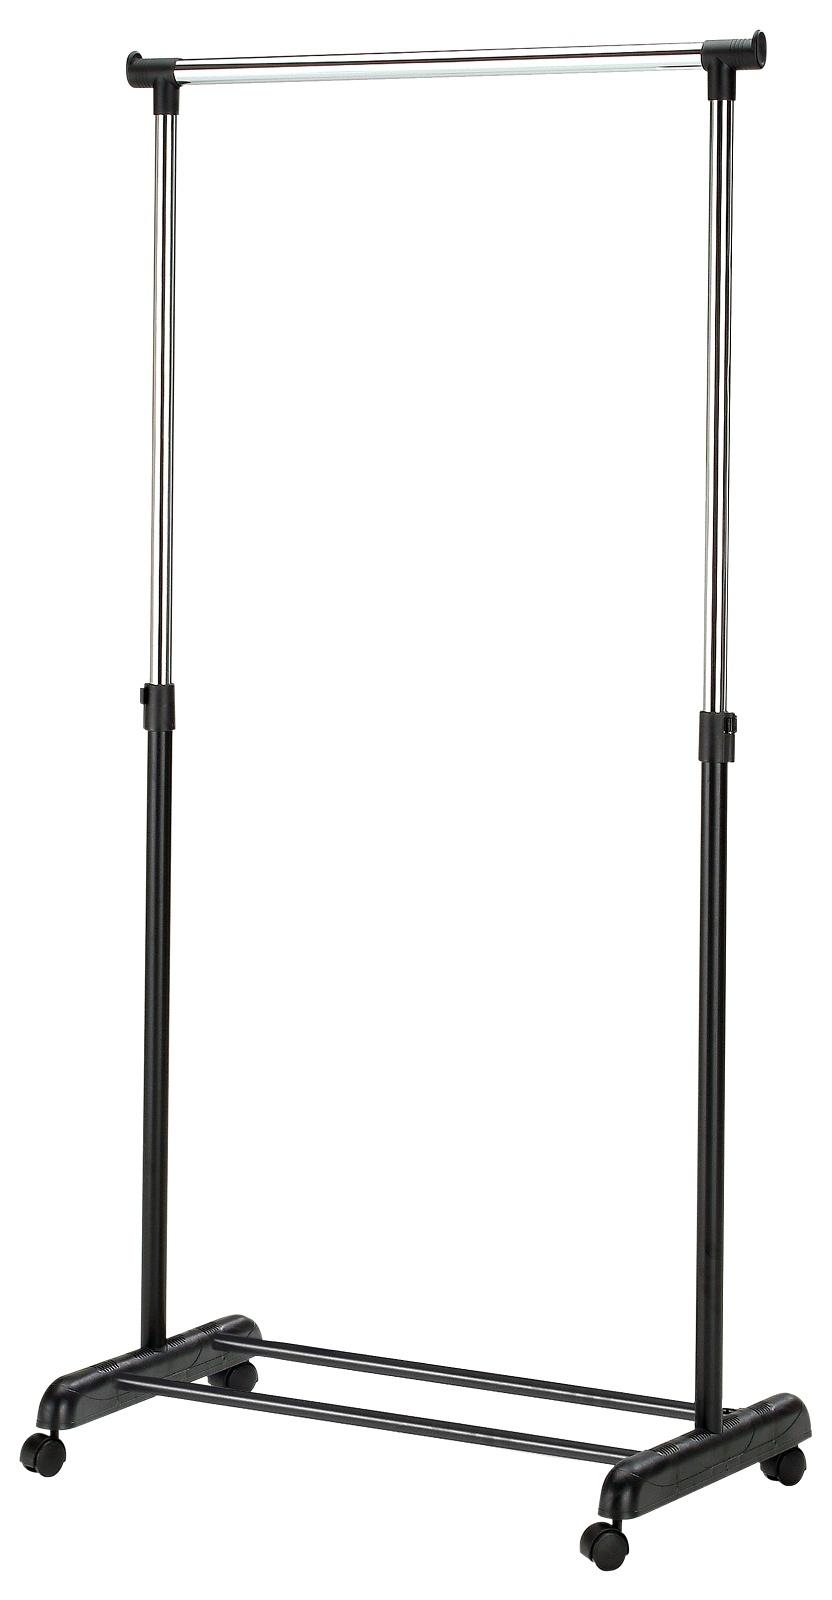 Vešiak na kolieskach - Halmar - WU-8 čierny. Sme autorizovaný predajca Halmar. Vlastná spoľahlivá doprava až k Vám domov.